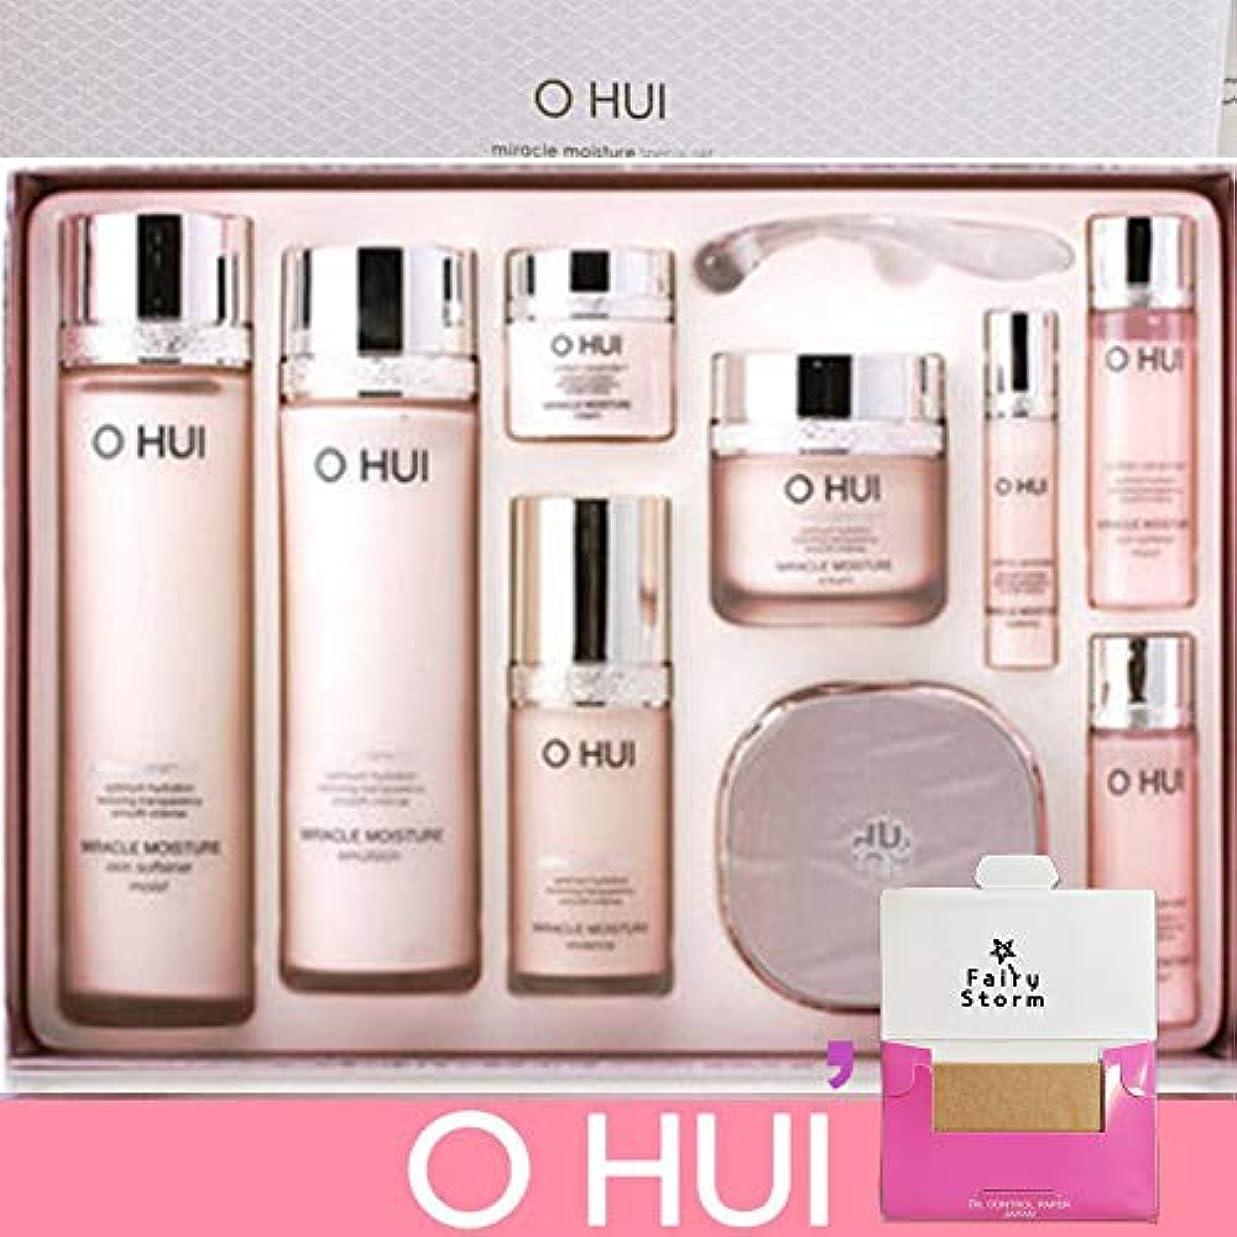 ピアノ手つかずの勝者[オフィ/ O HUI]韓国化粧品 LG生活健康/ O HUI MIRACLE MOISTURE SPECIAL SET/ミラクルモイスチャー スペシャル 4種 企画セット + [Sample Gift](海外直送品)